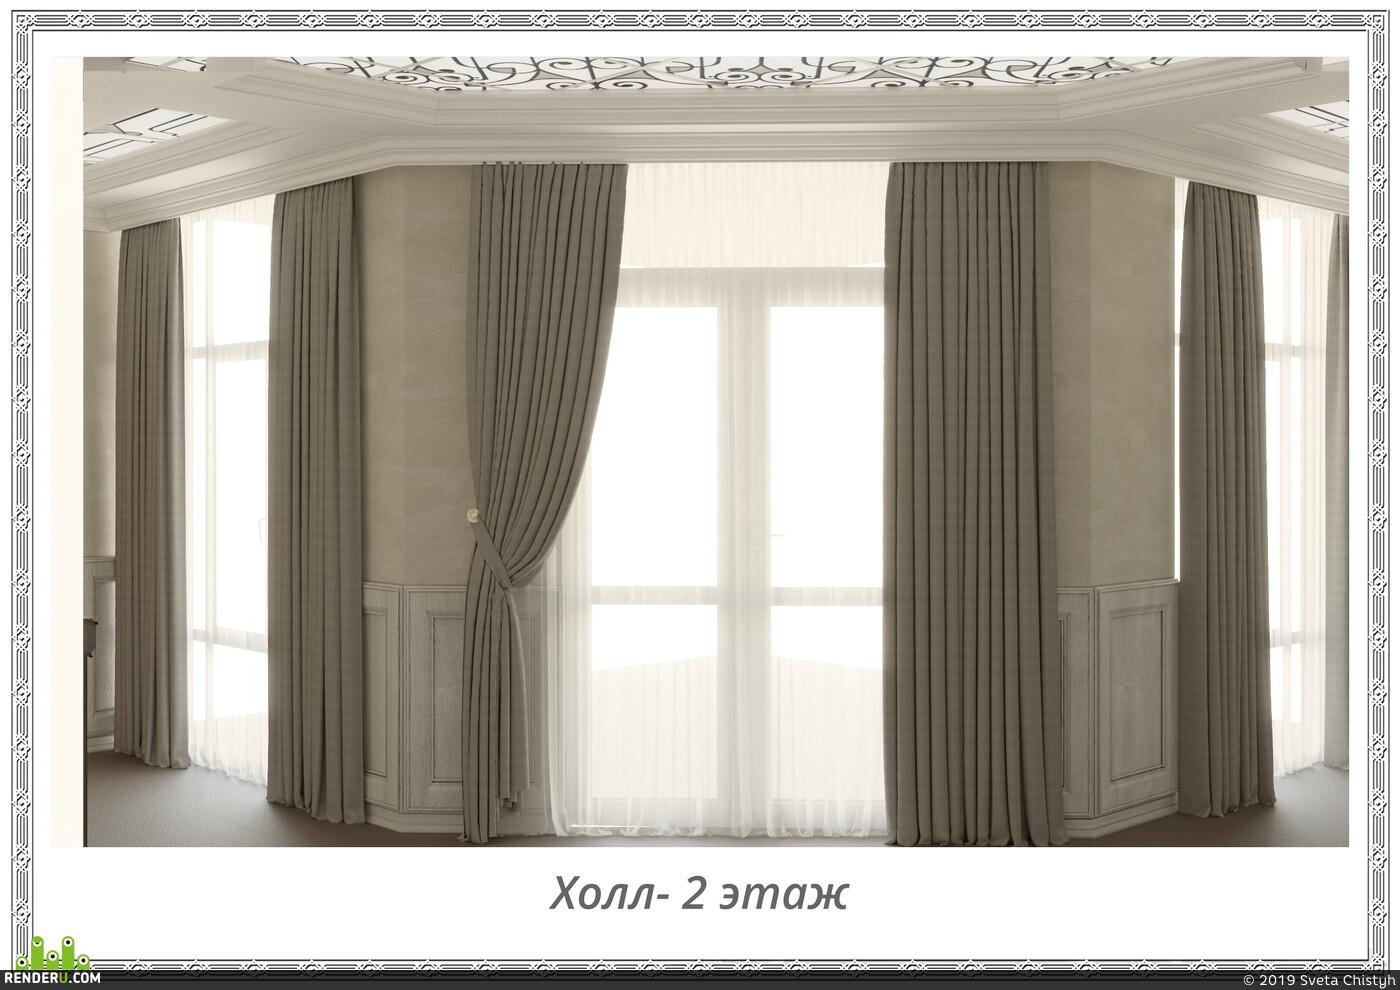 холл, Коридор, лестница, люстра, лофт, современный стиль, современный